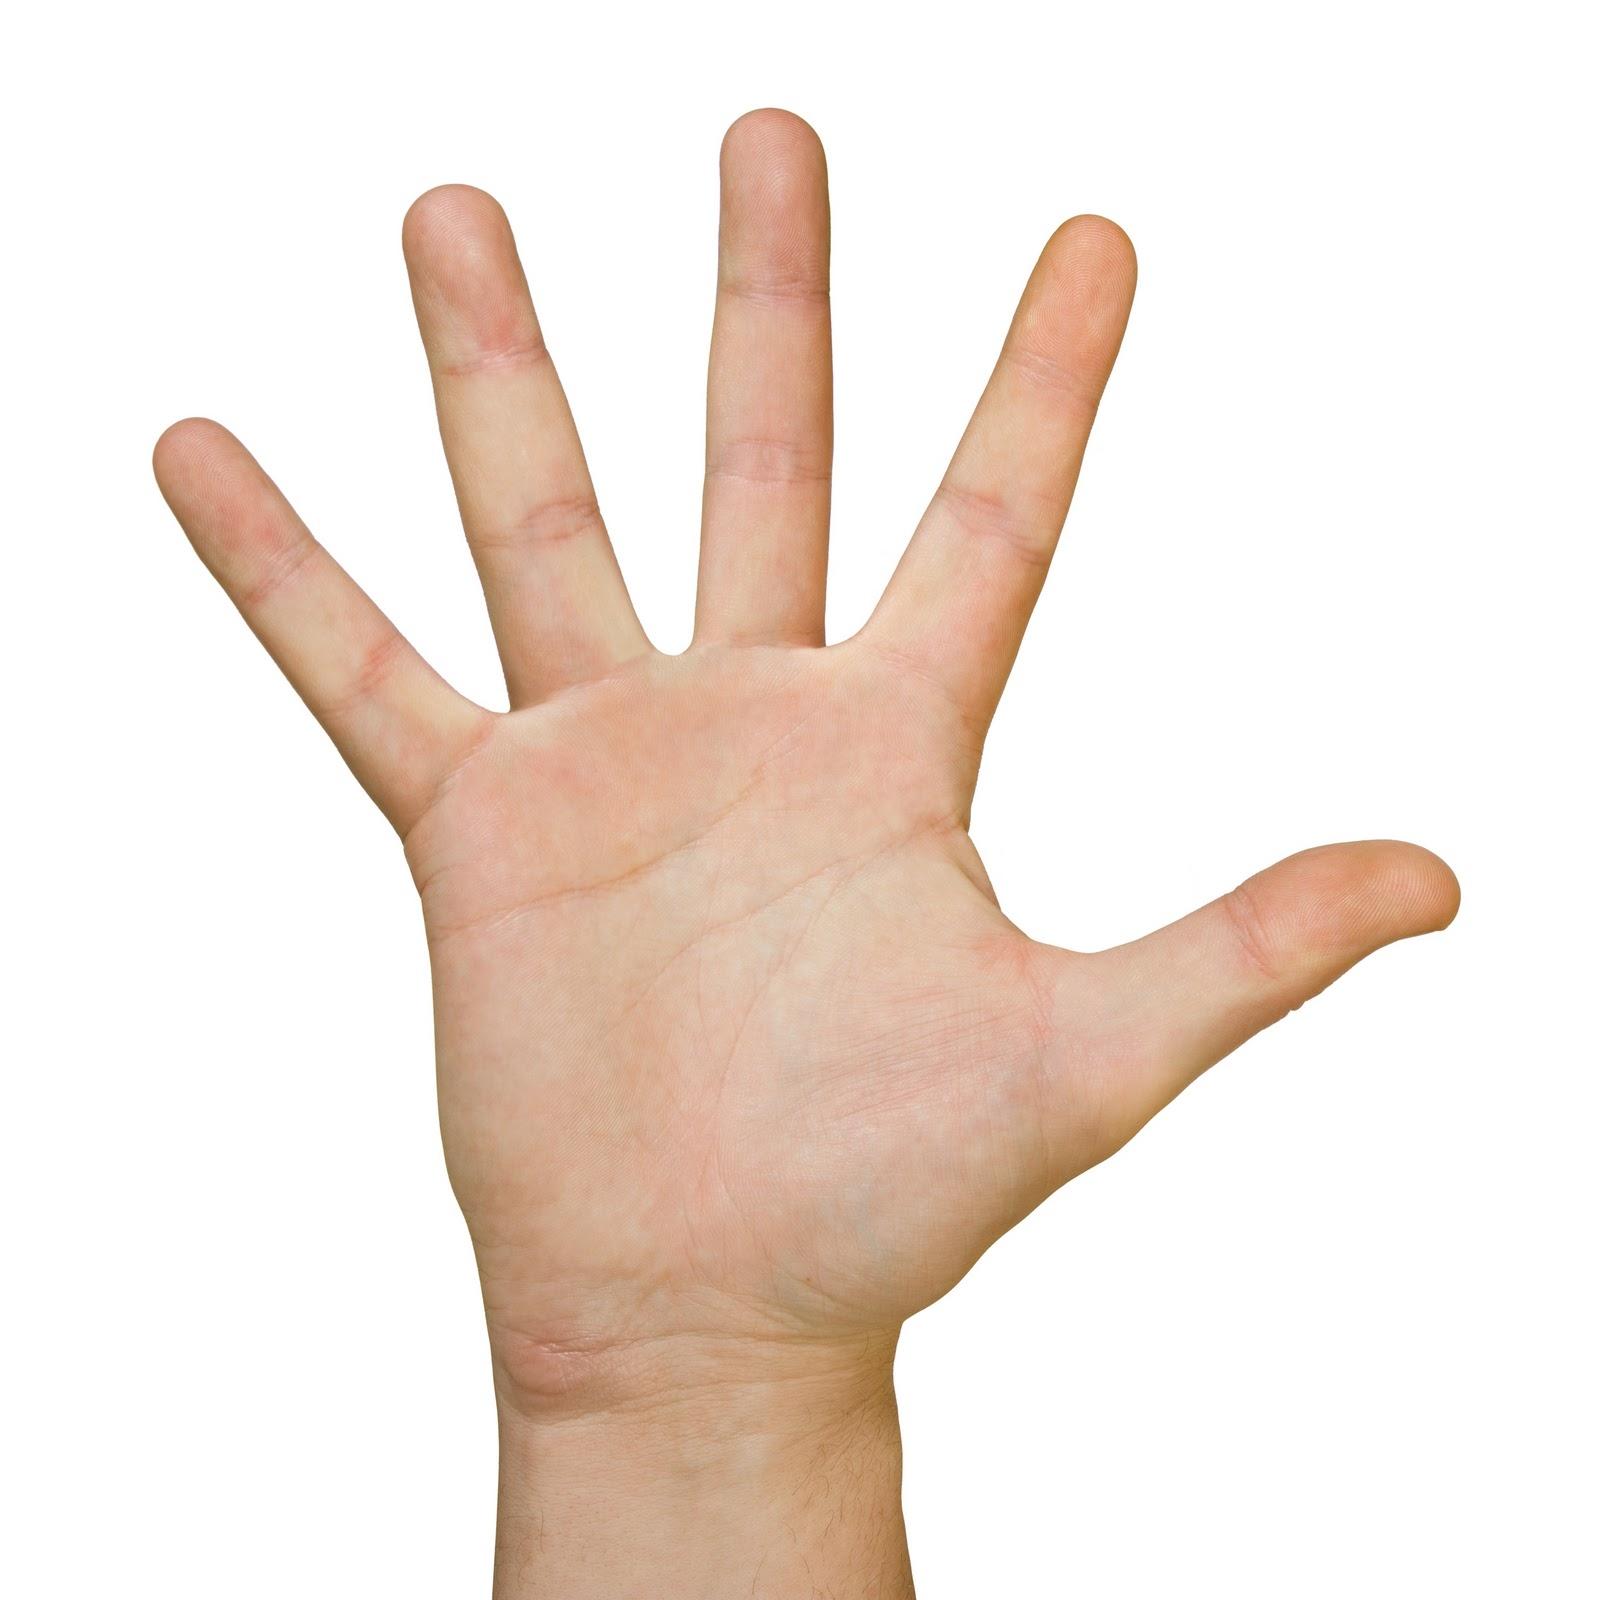 Cách chọn người yêu chung thủy thông qua bàn tay